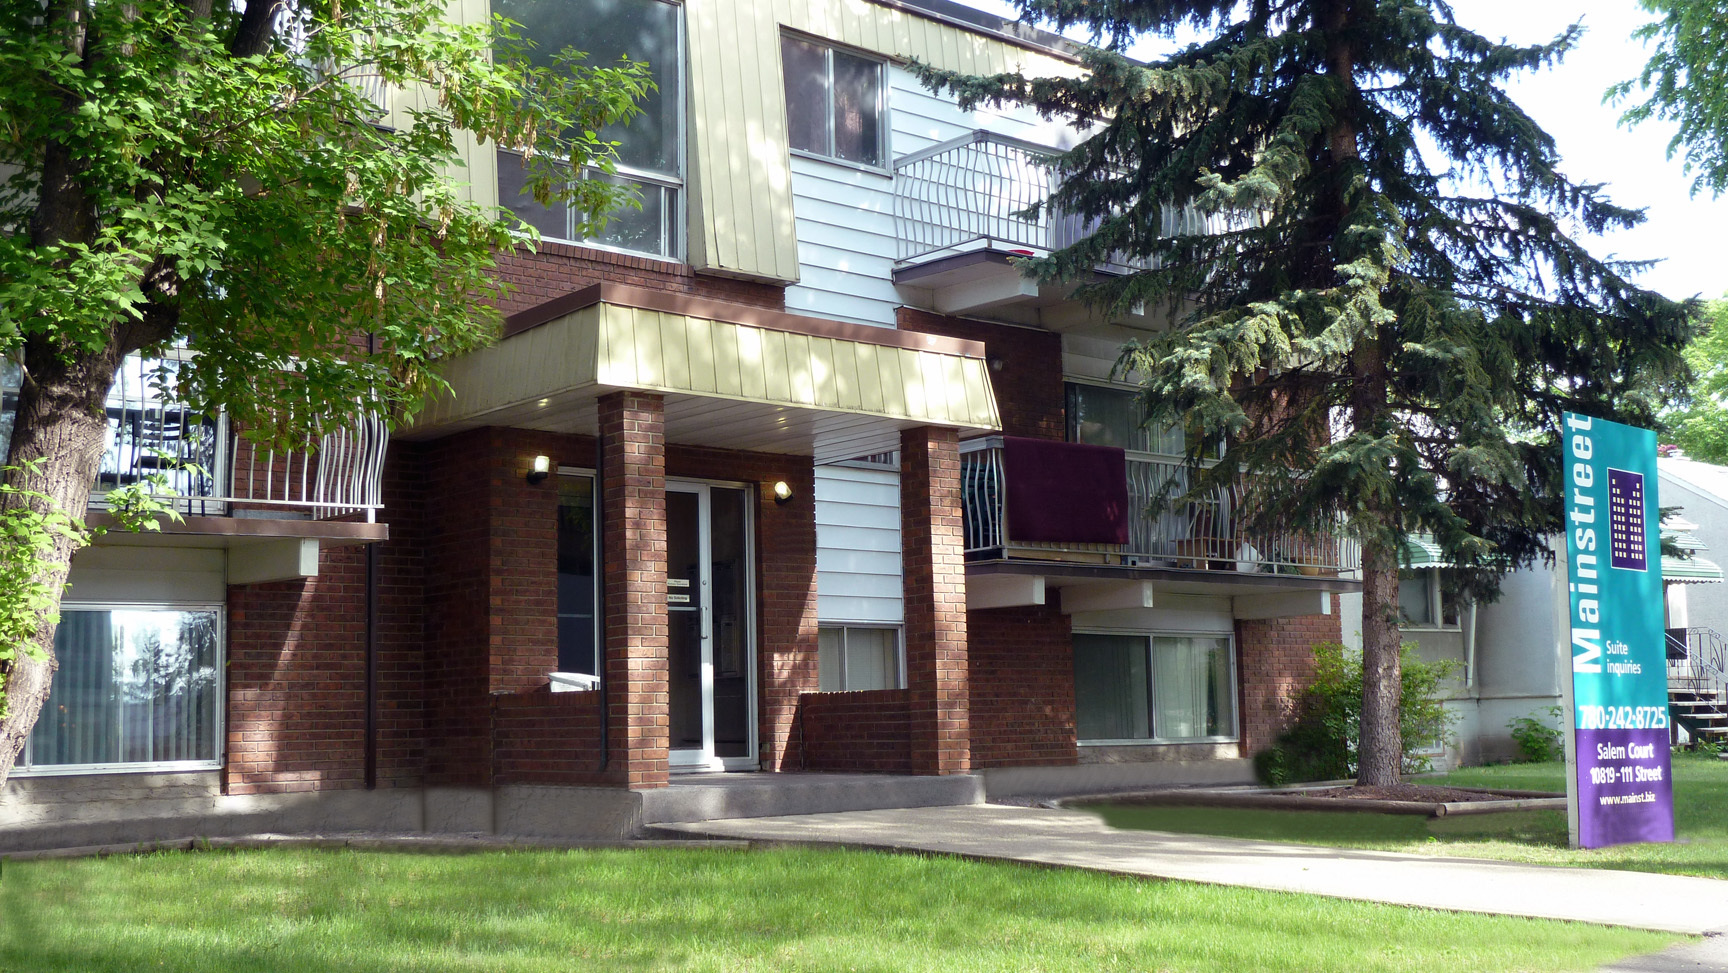 10819 111 Street NW, Edmonton, AB - $1,070